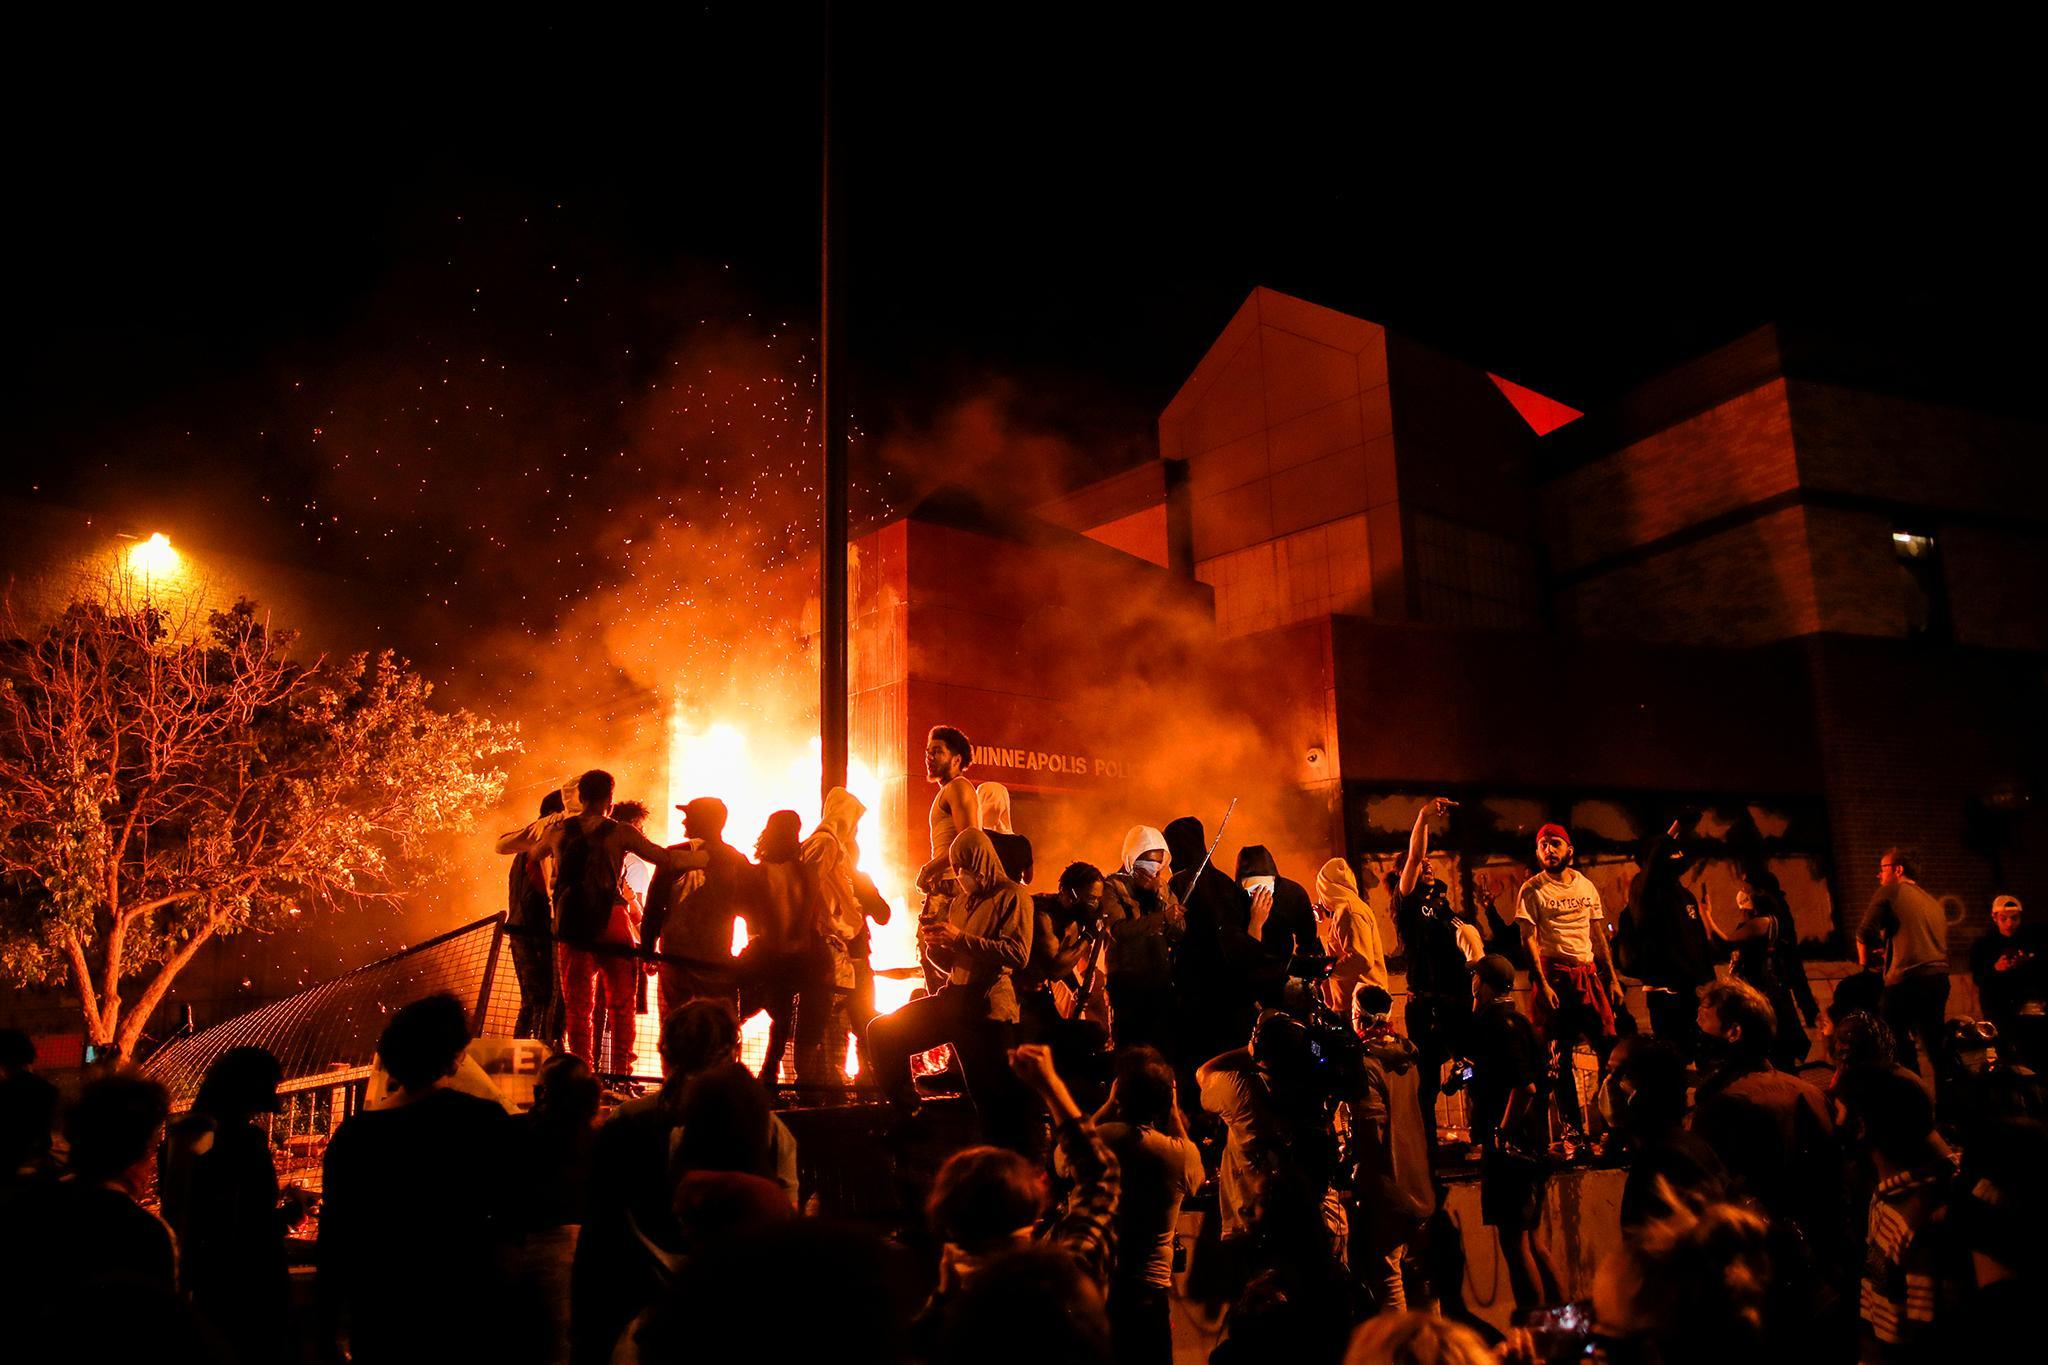 Bạo động lan khắp nước Mỹ, ông Trump được đưa xuống hầm trú ẩn